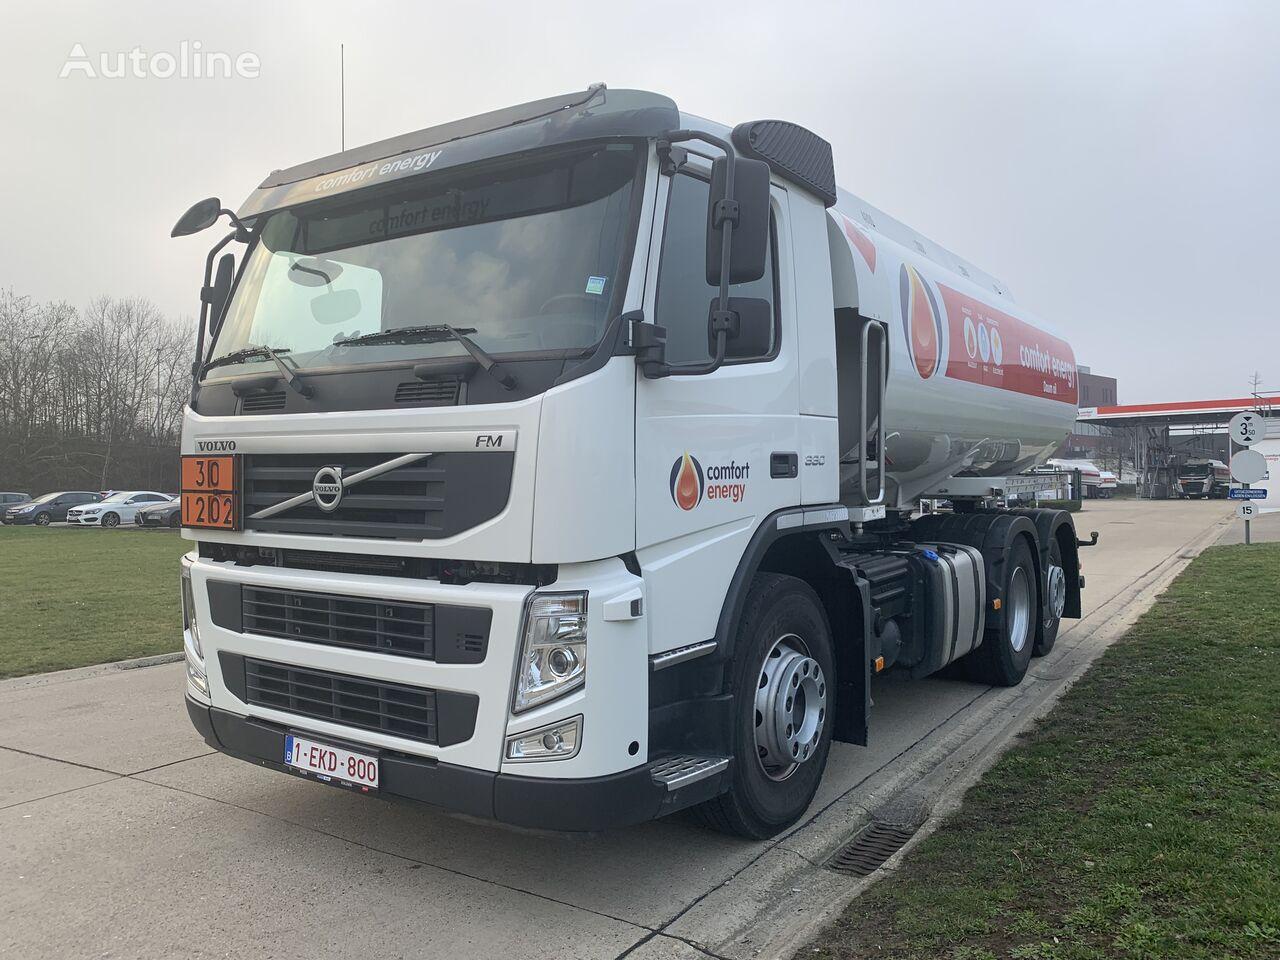 camion trasporto carburante VOLVO